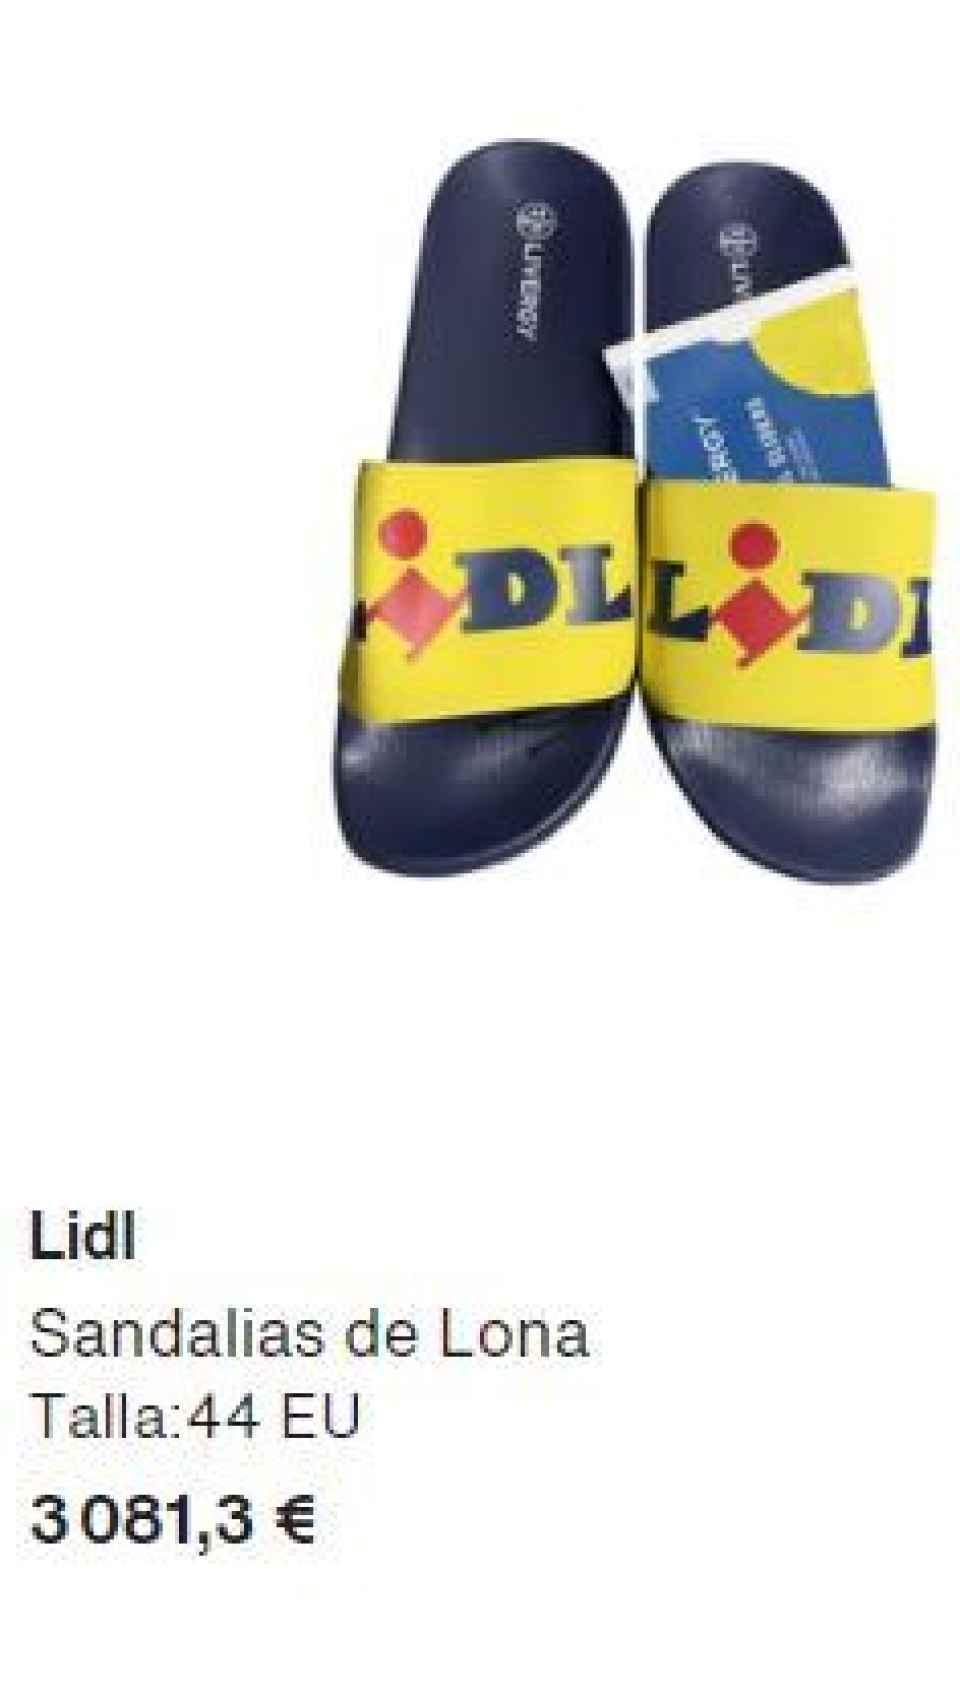 El anuncio por el que se venden estas chanclas a 3.081 euros.